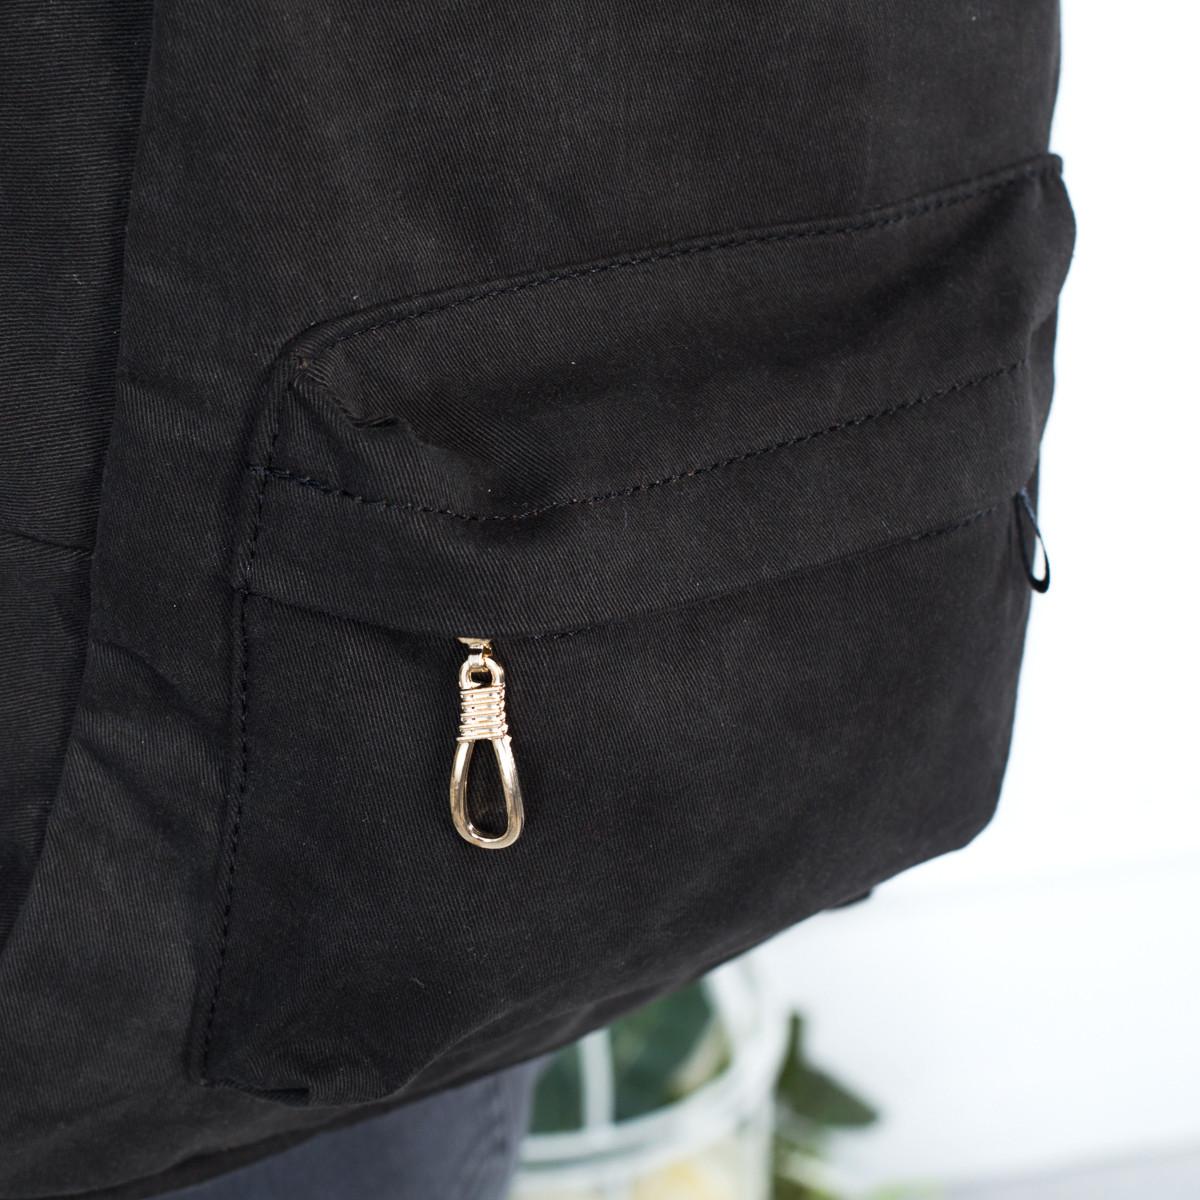 Городской женский стильный рюкзак Mayers, холст (темно коричневый), фото 6